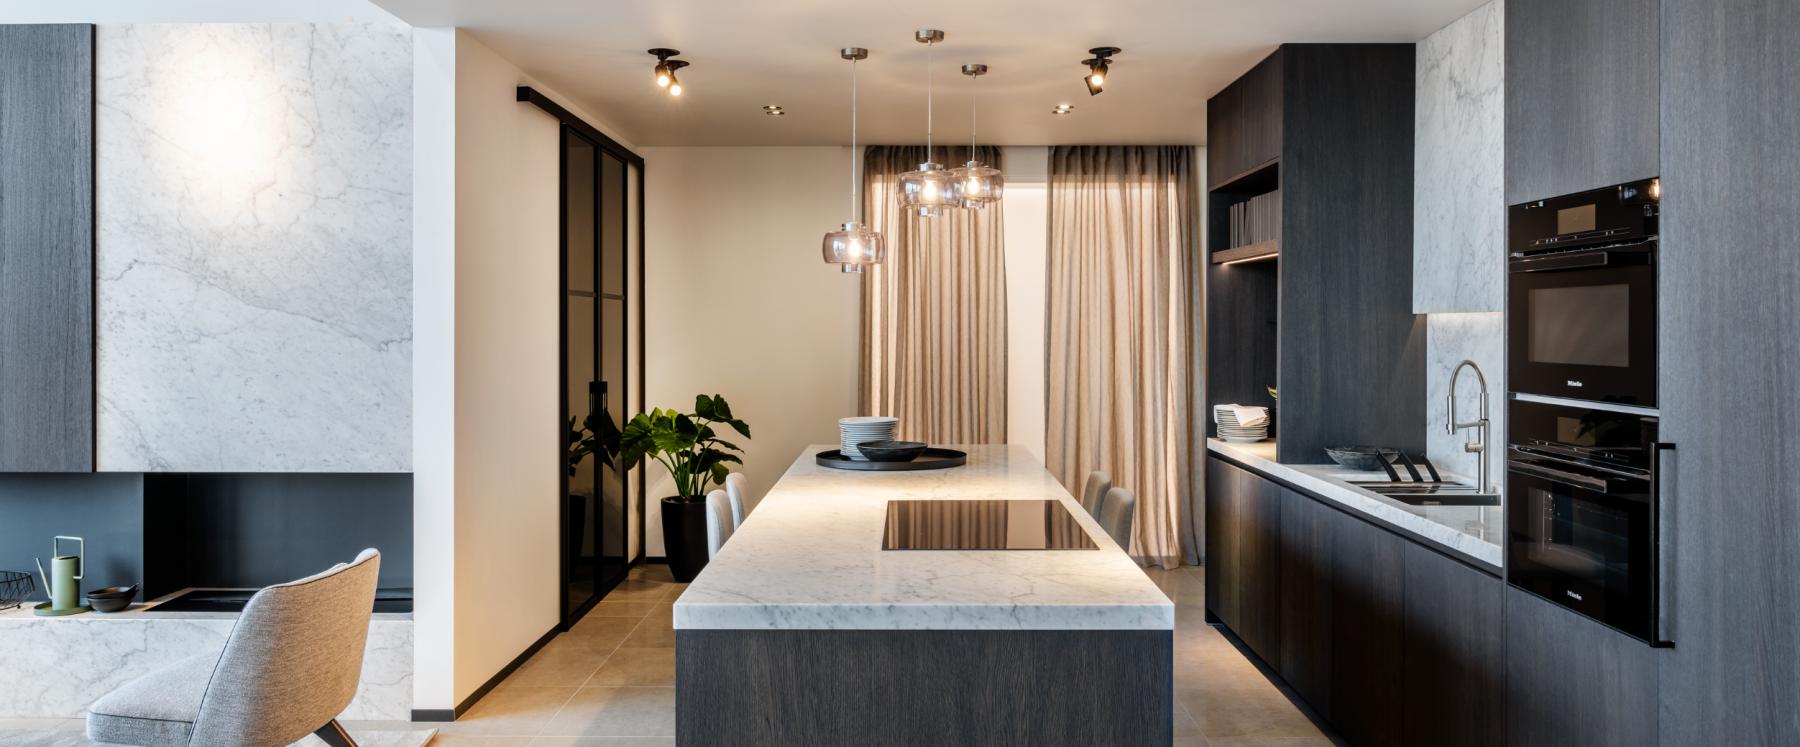 Open keuken met wit marmeren keukenblad